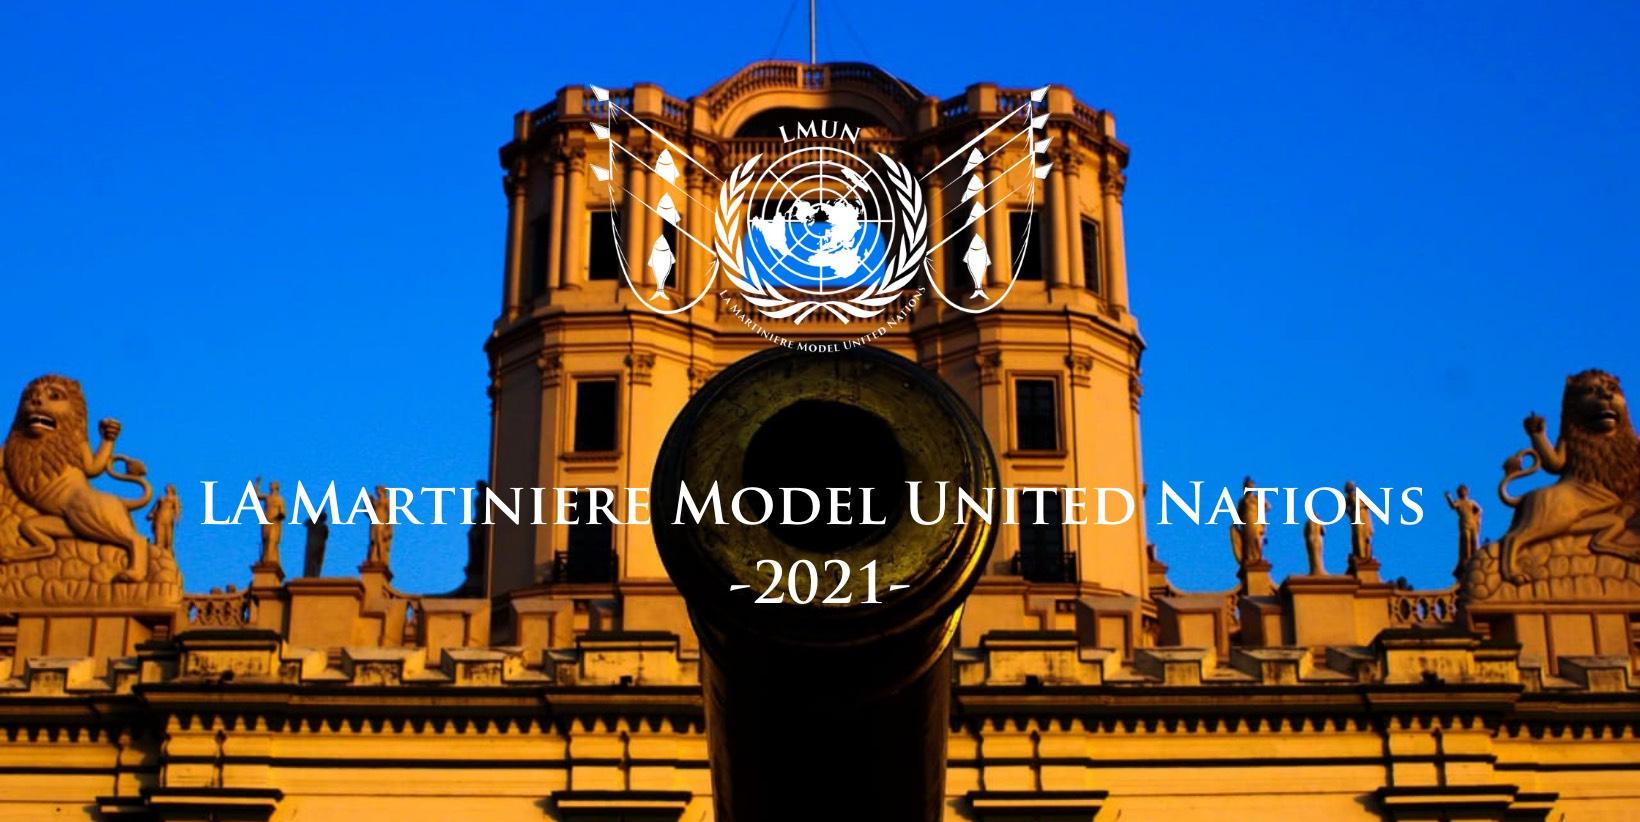 DPS Srinagar participated in the prestigious La Martiniere Model United Nations